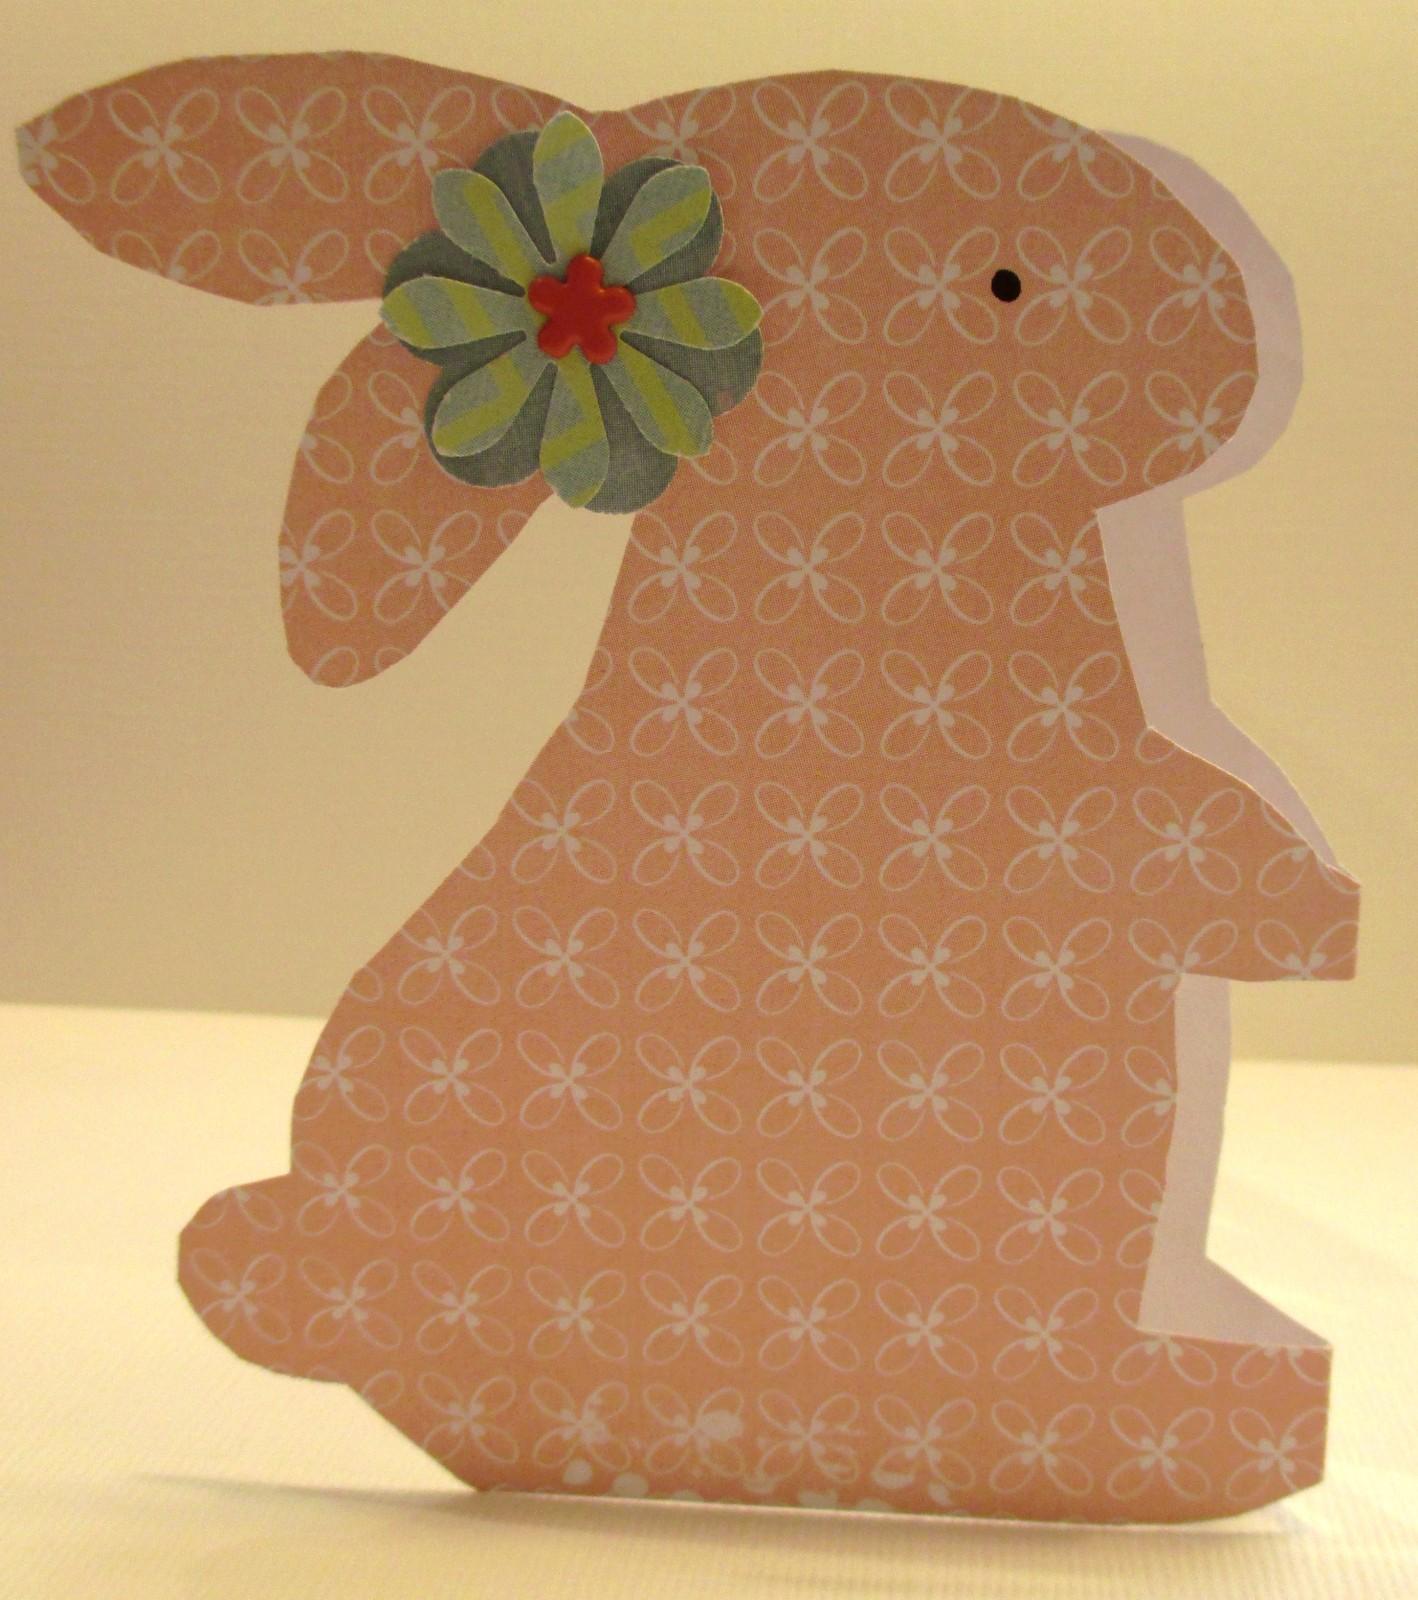 Tutoriel gratuit le lapin de p ques - Lapin de paques a imprimer gratuit ...